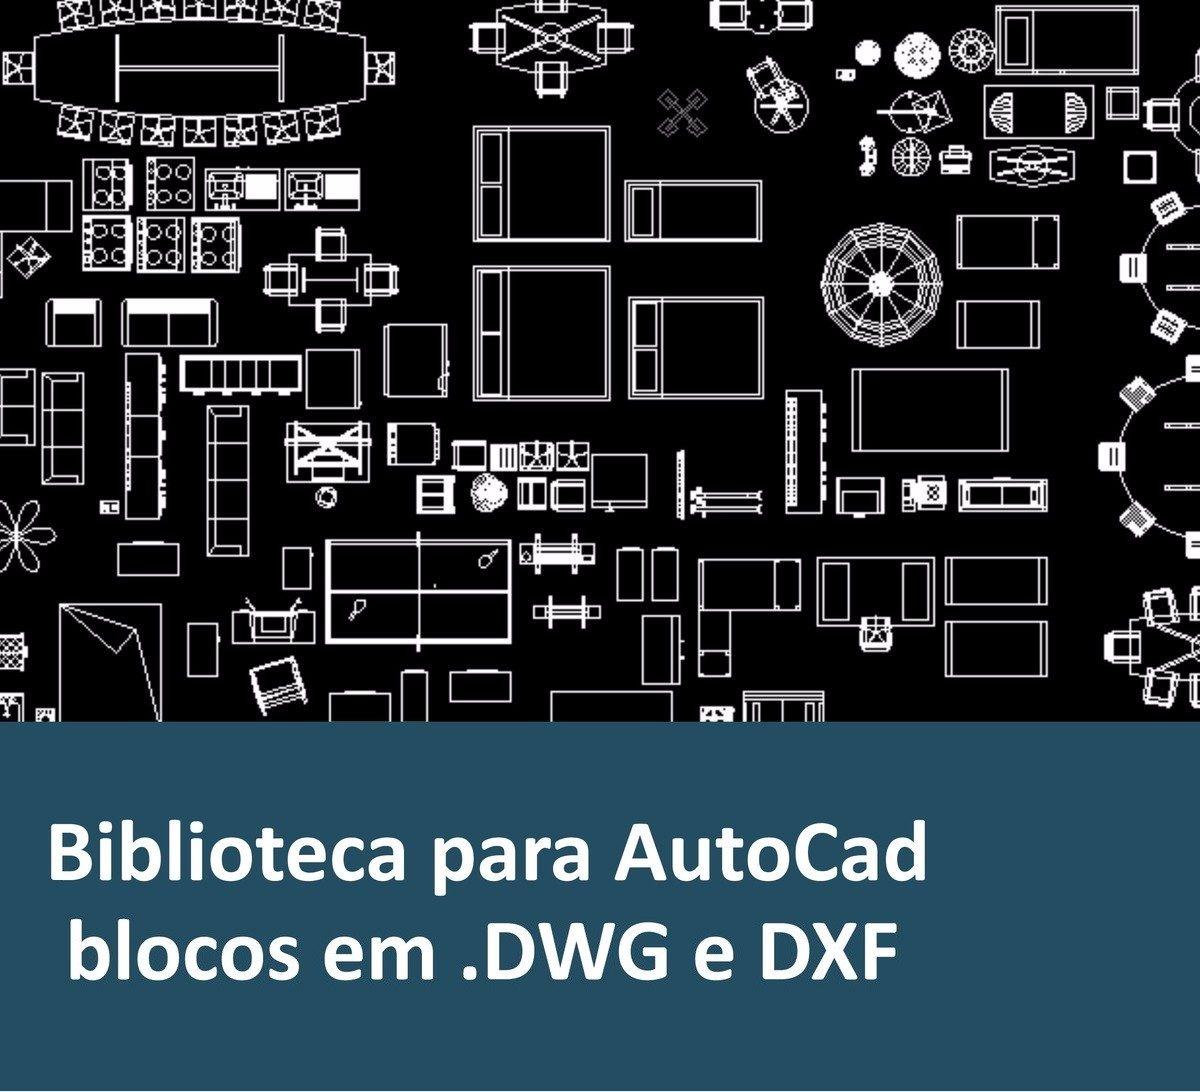 Blocos para o autocad 130 mil 2d e 3d dwg e dxf r 17 for Mobilia download